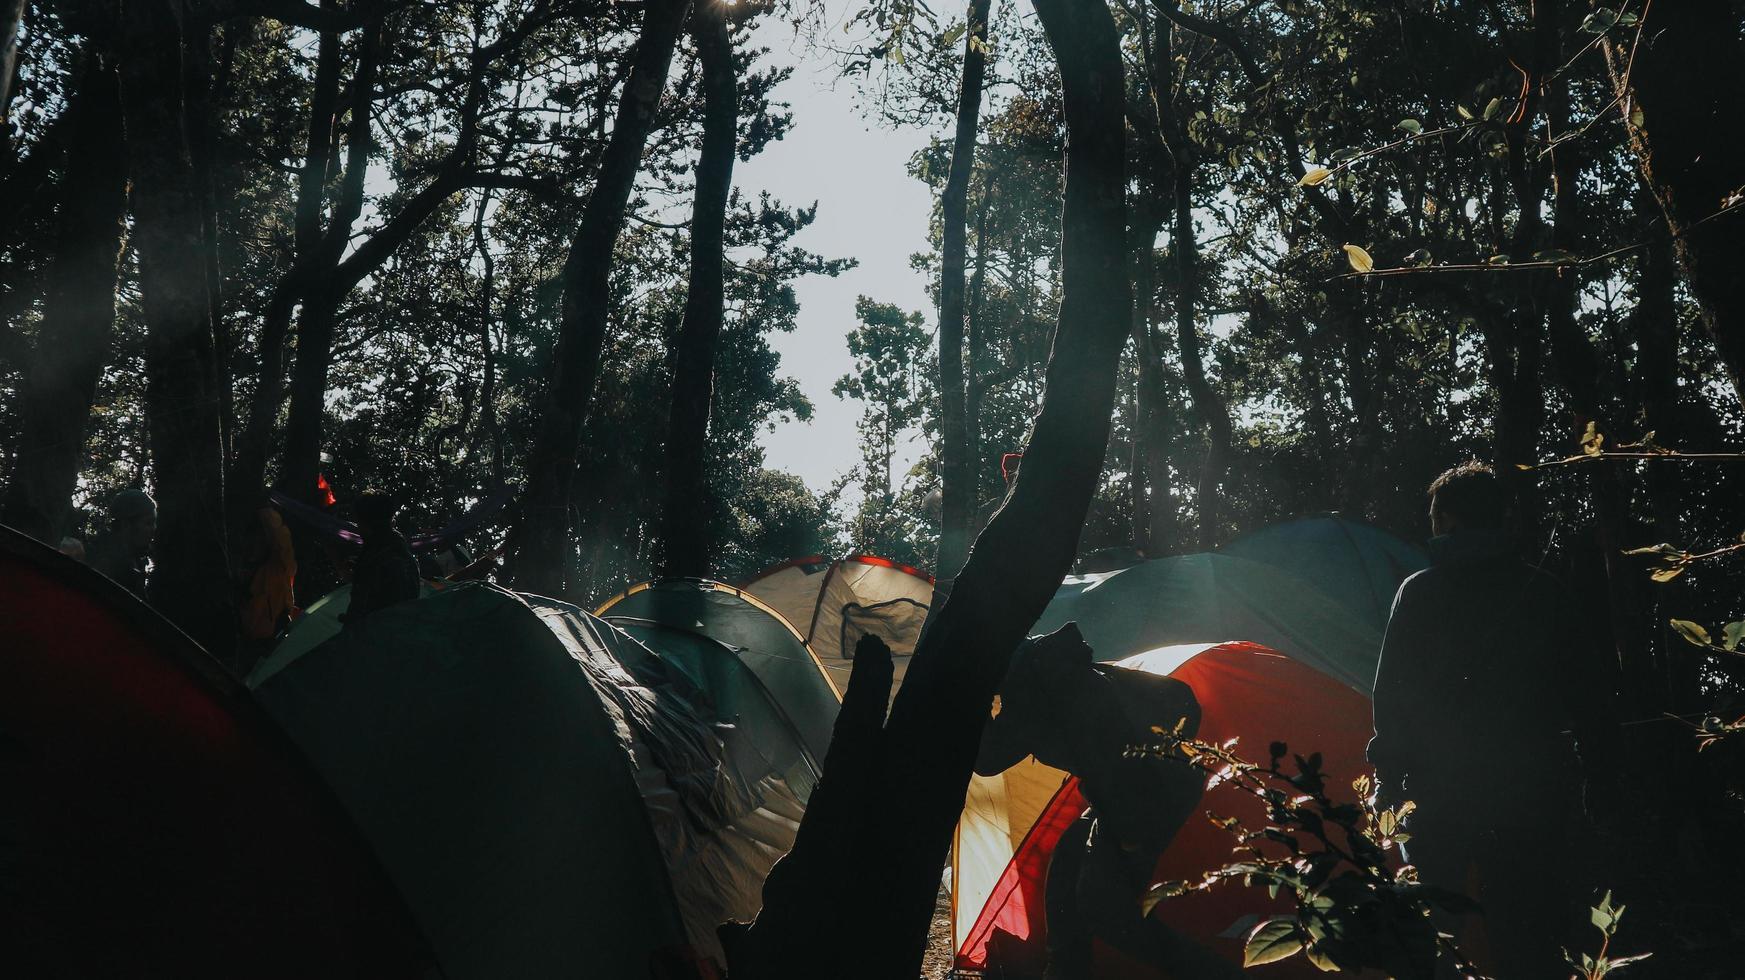 campeggio nella foresta foto